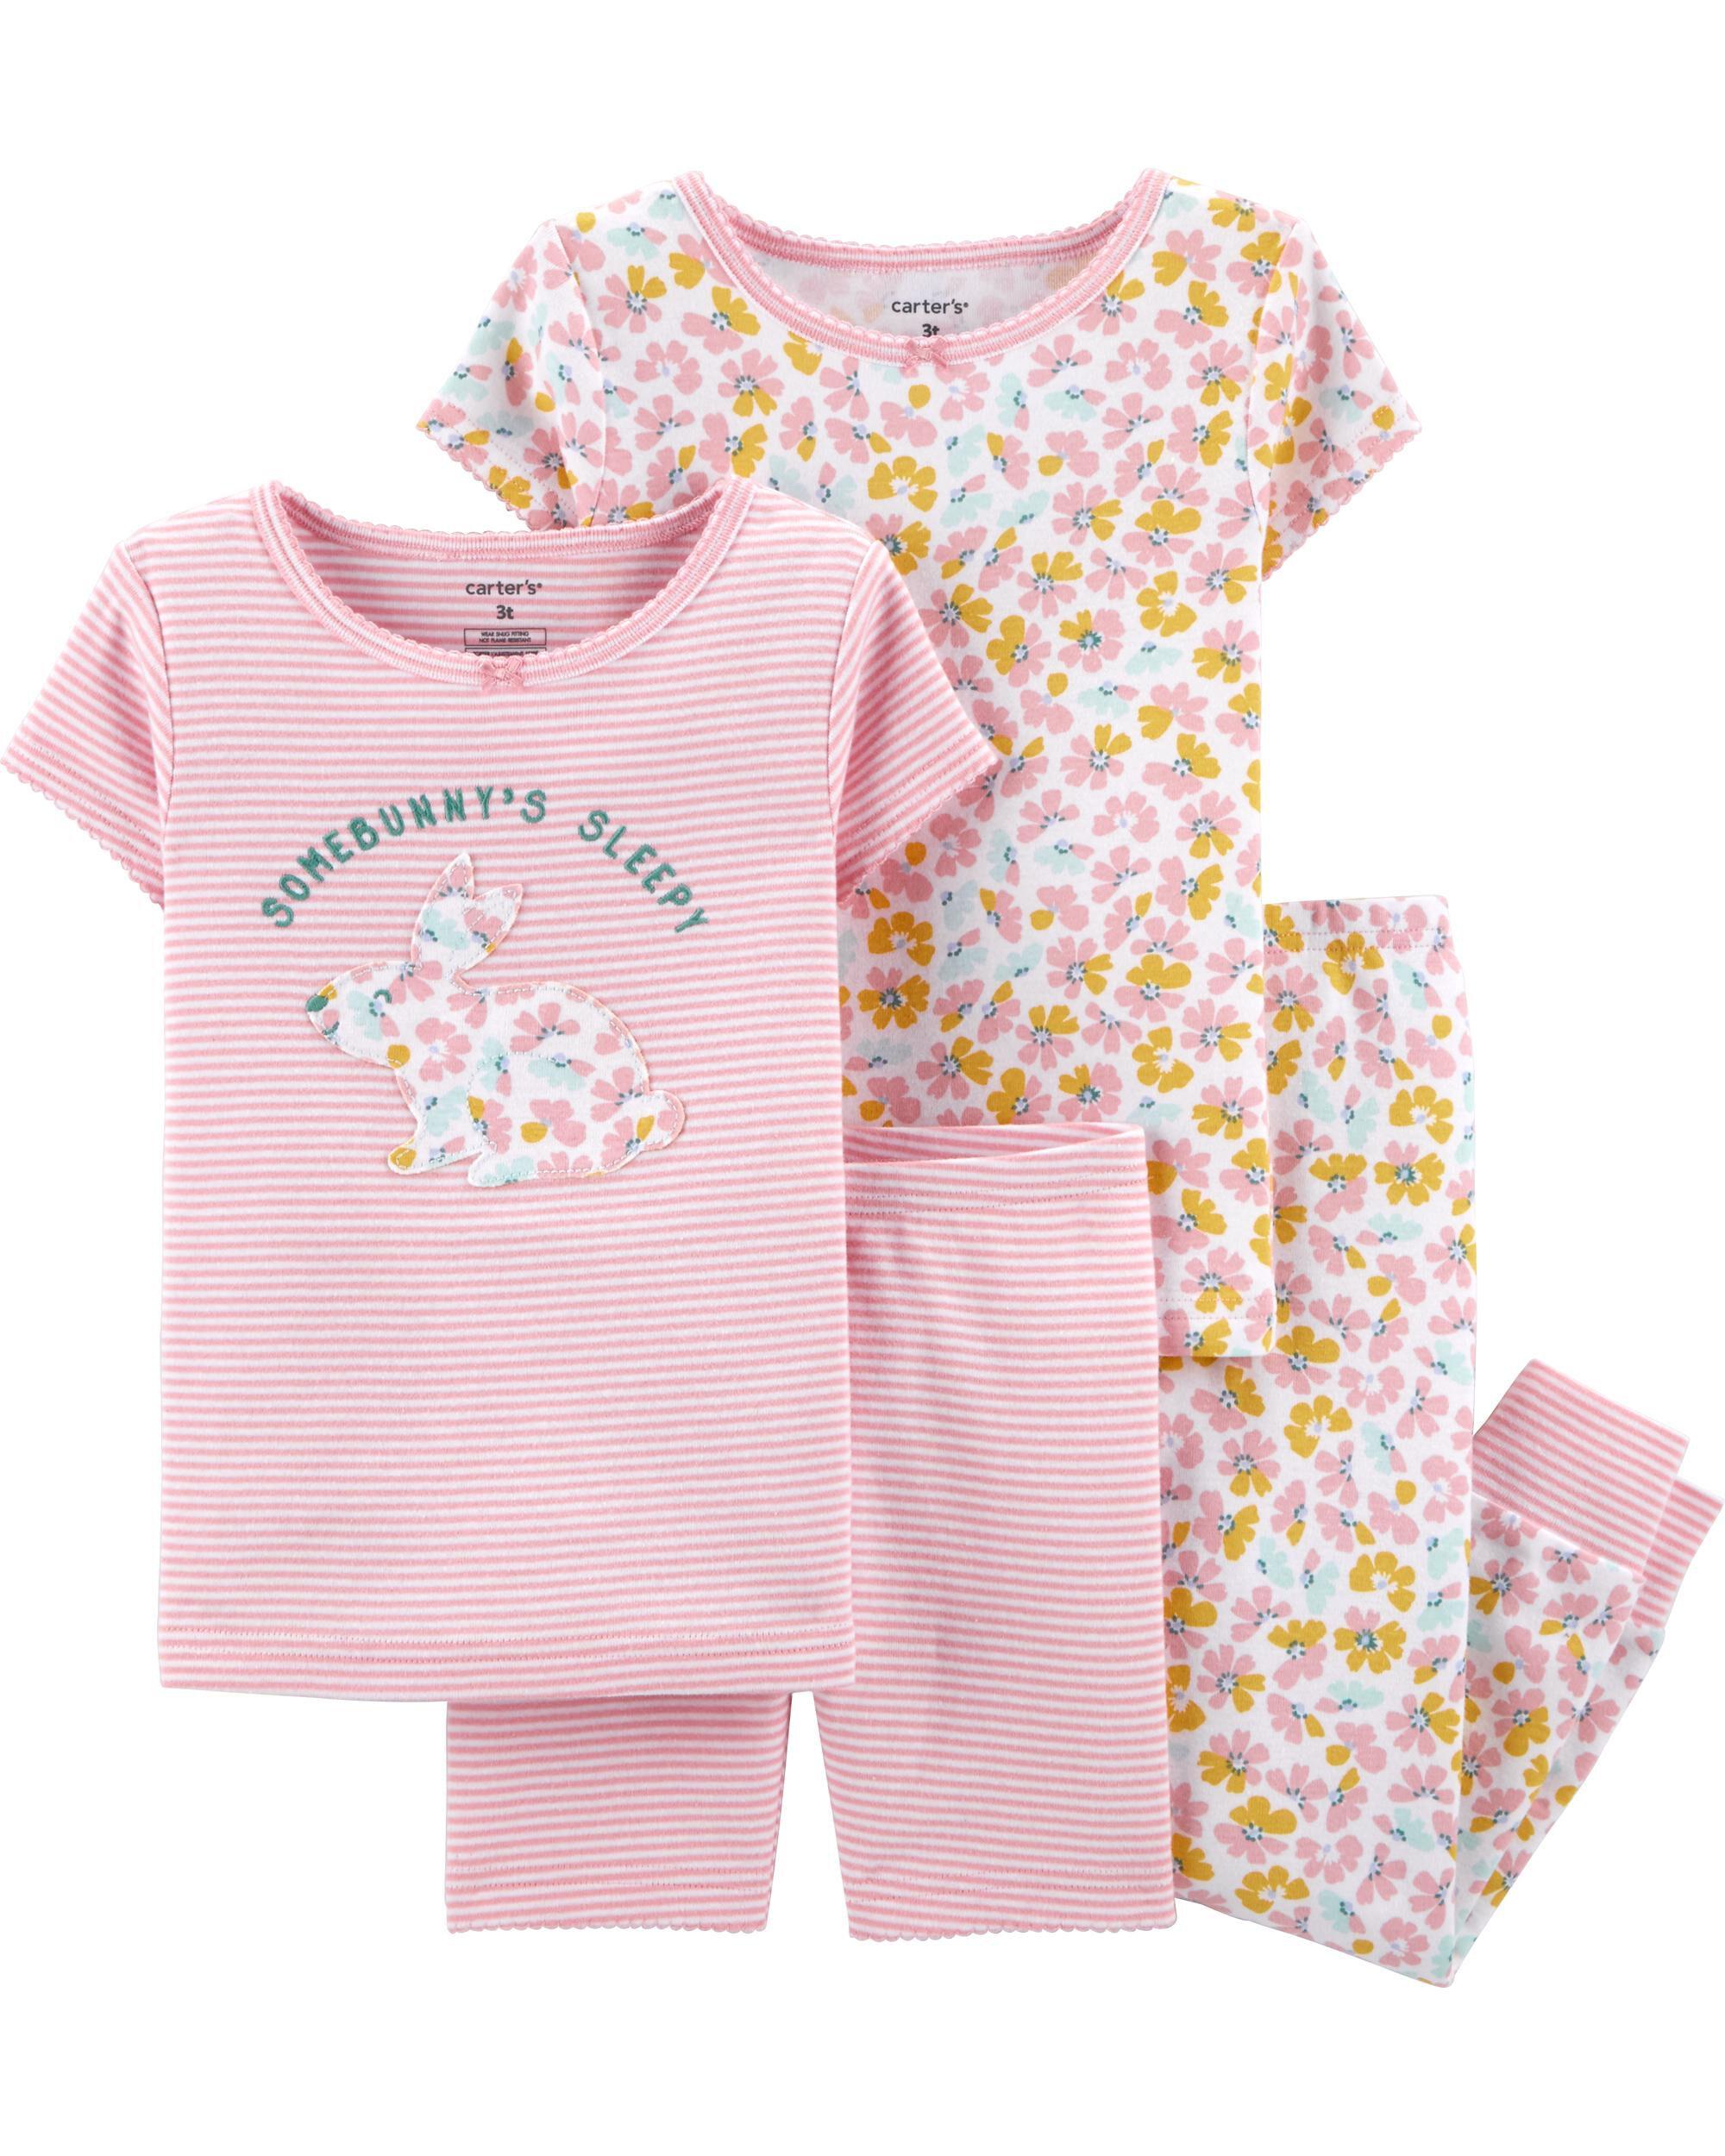 4-Piece Floral Bunny Snug Fit Cotton PJs